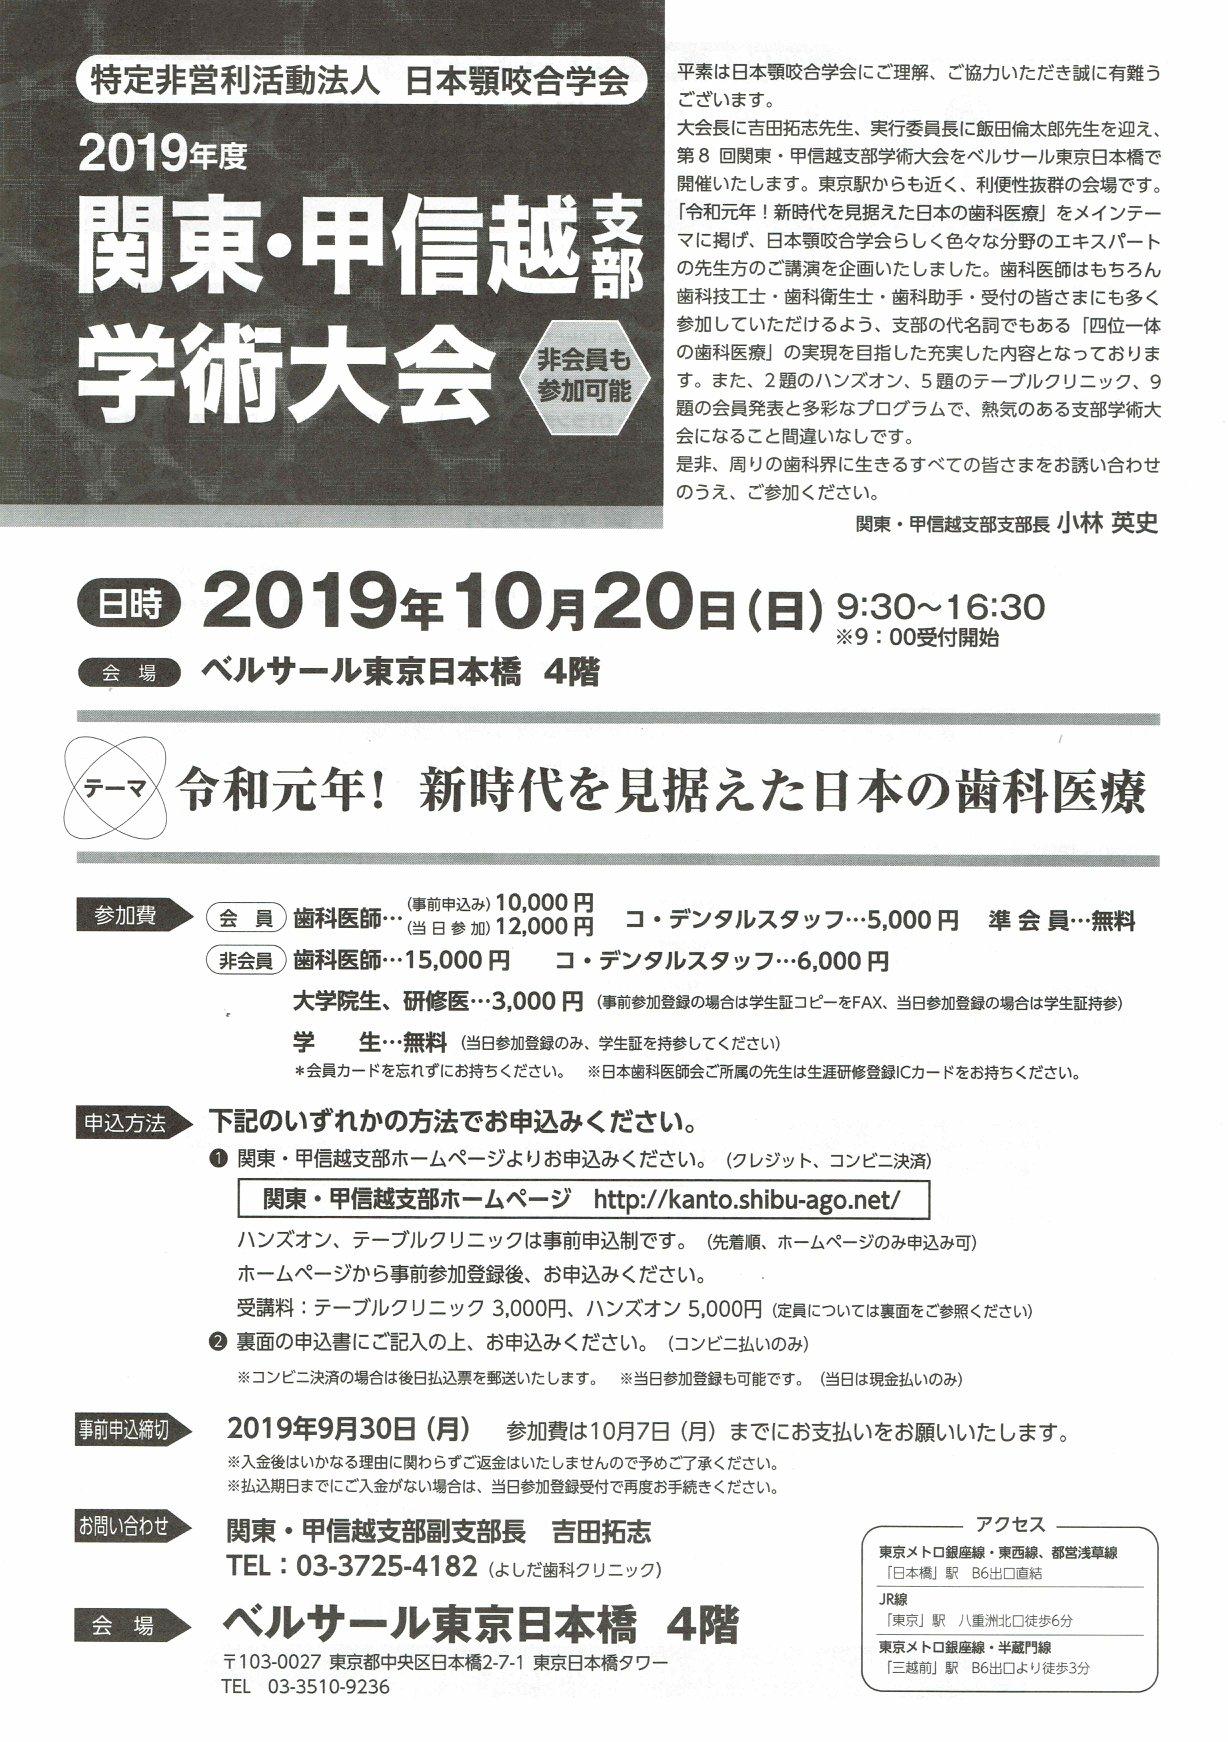 日本顎咬合学会関東甲信越支部学術大会2